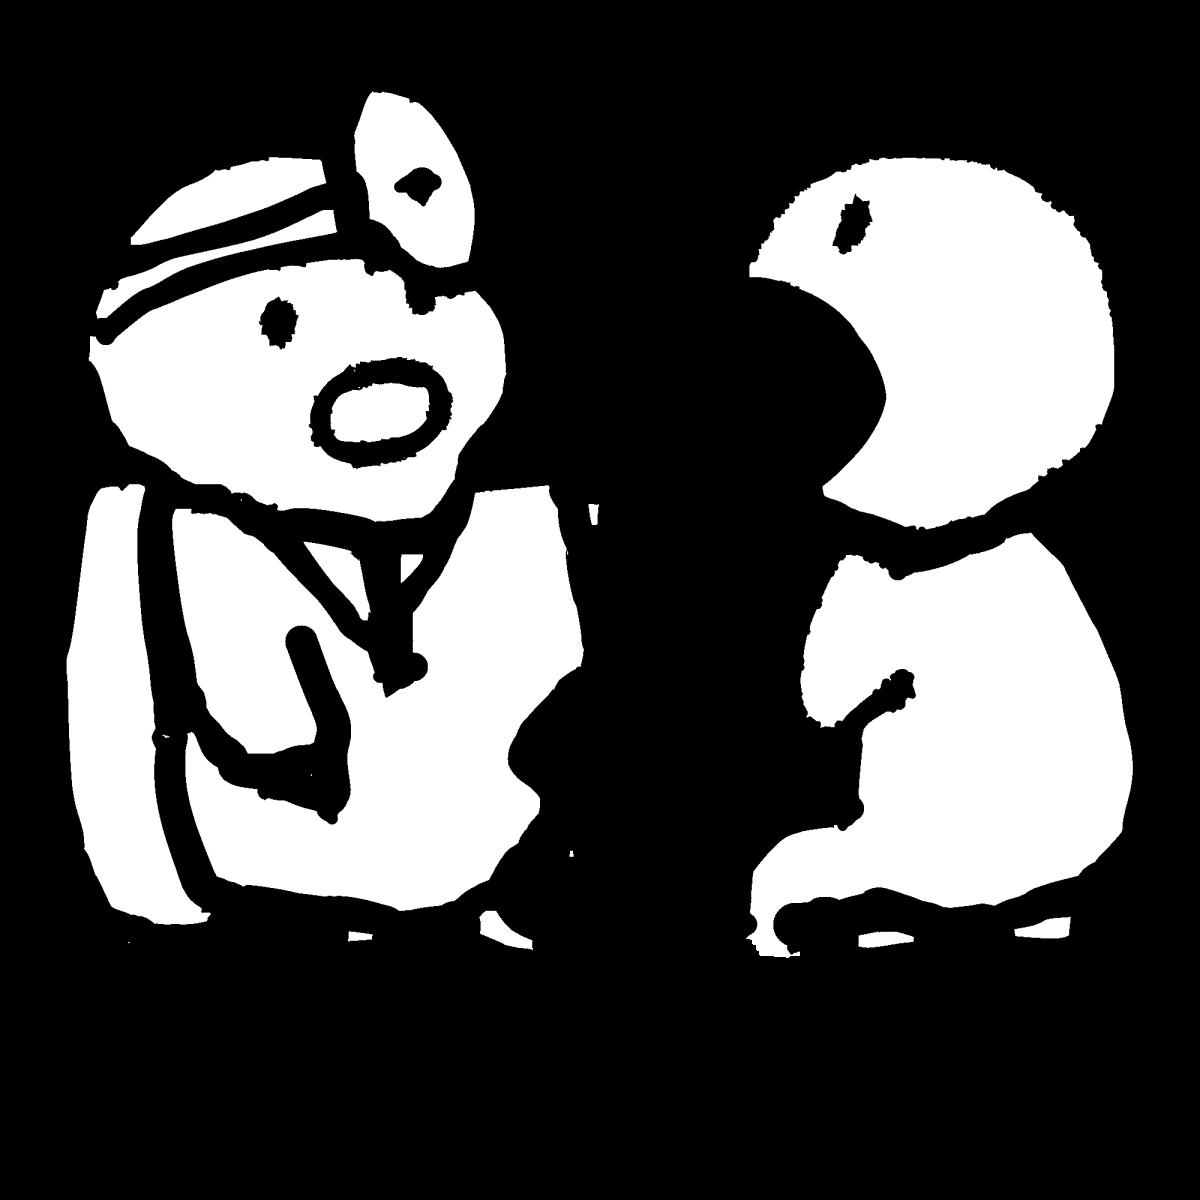 診察(口を開ける)のイラスト Examination (open one's mouth)  Illustration